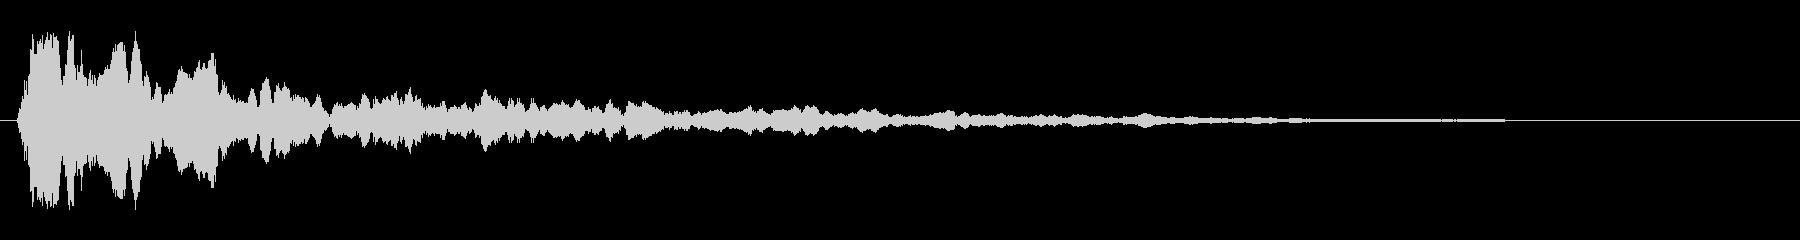 カ〜ン(乾いた木や金属を叩いた音)の未再生の波形